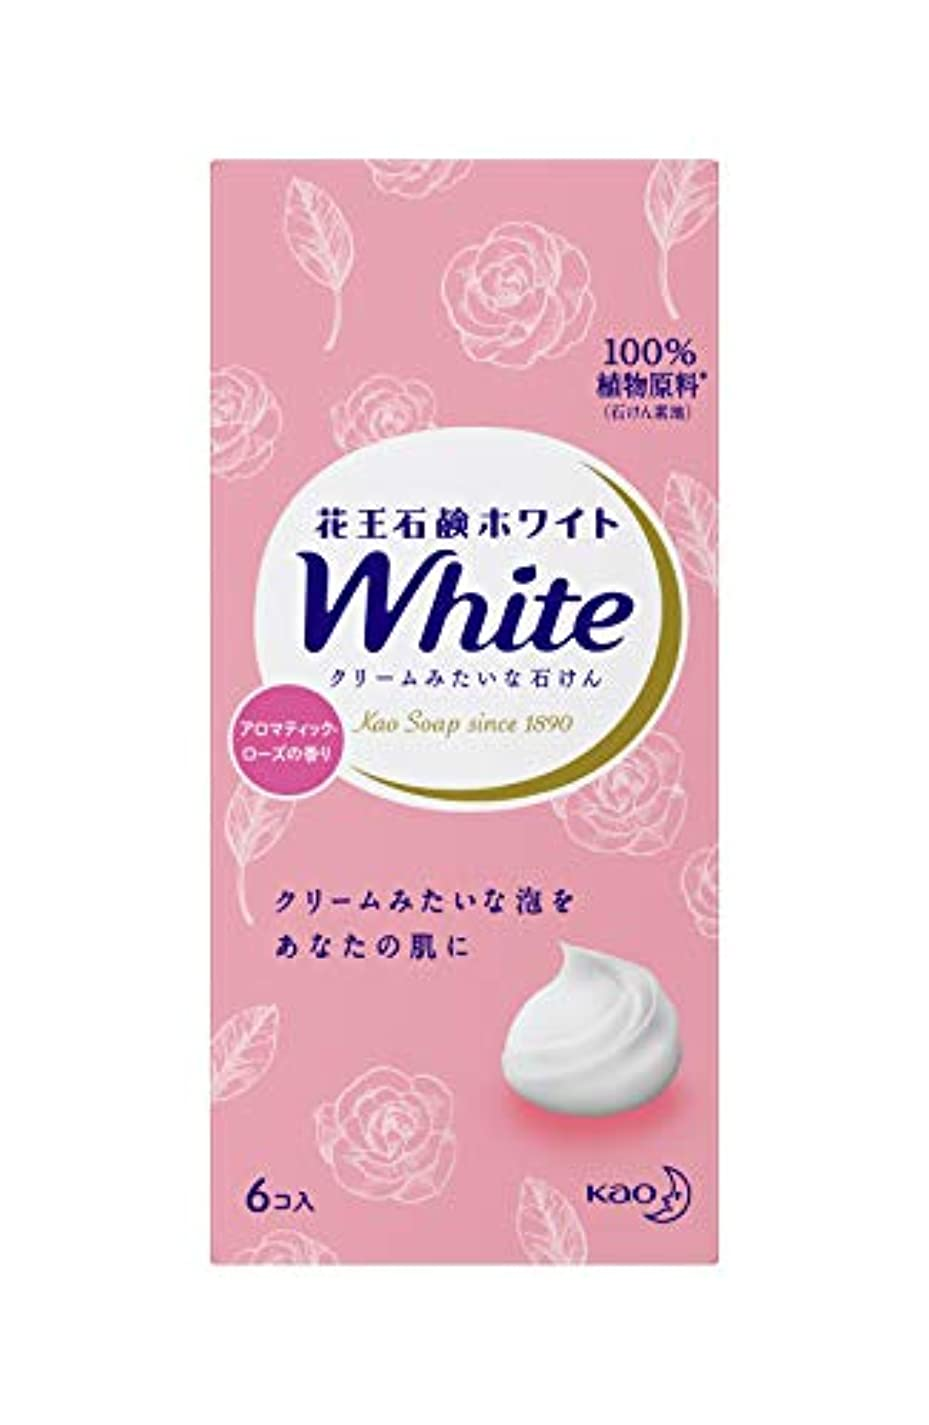 放課後乱雑なたまに花王ホワイト アロマティックローズの香り 普通サイズ 6コパック